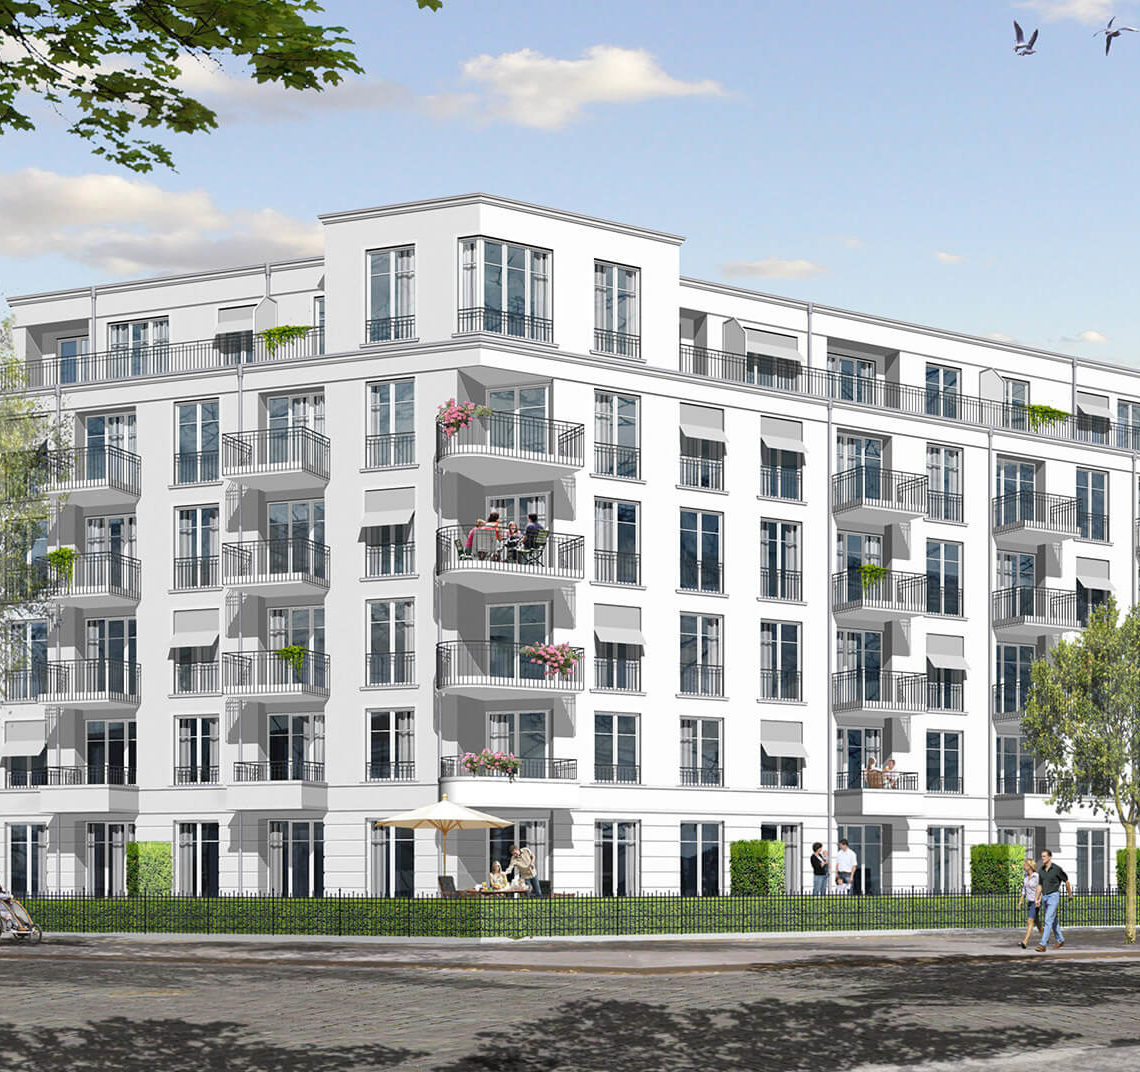 Wohnungsbauprojekt FriedrichsCarré